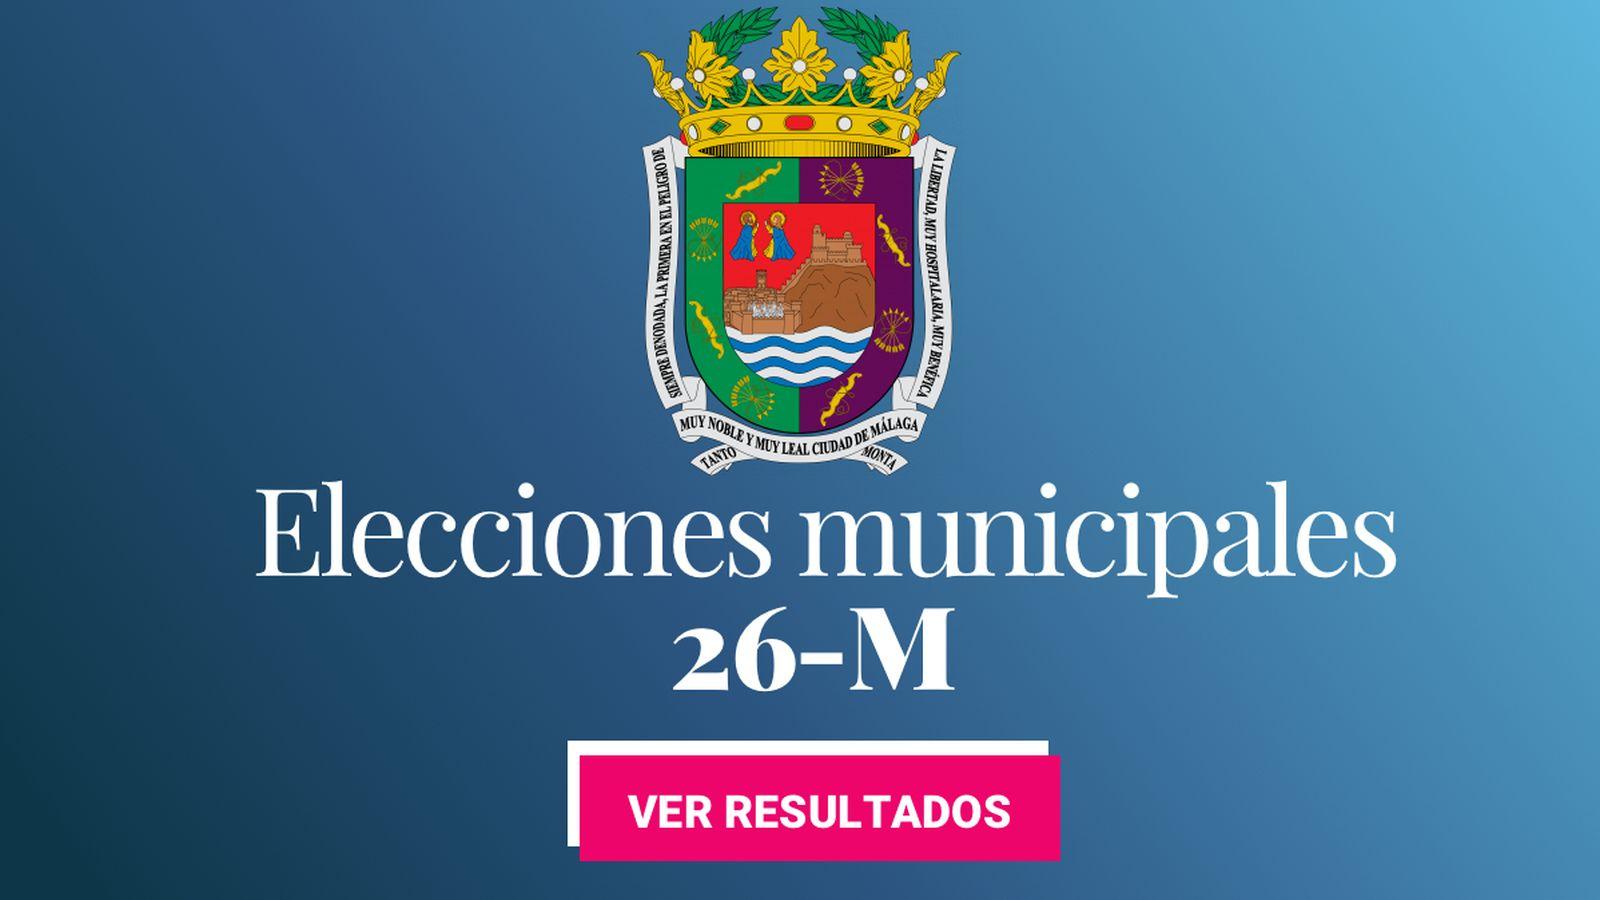 Foto: Elecciones municipales 2019 en Málaga. (C.C./EC)